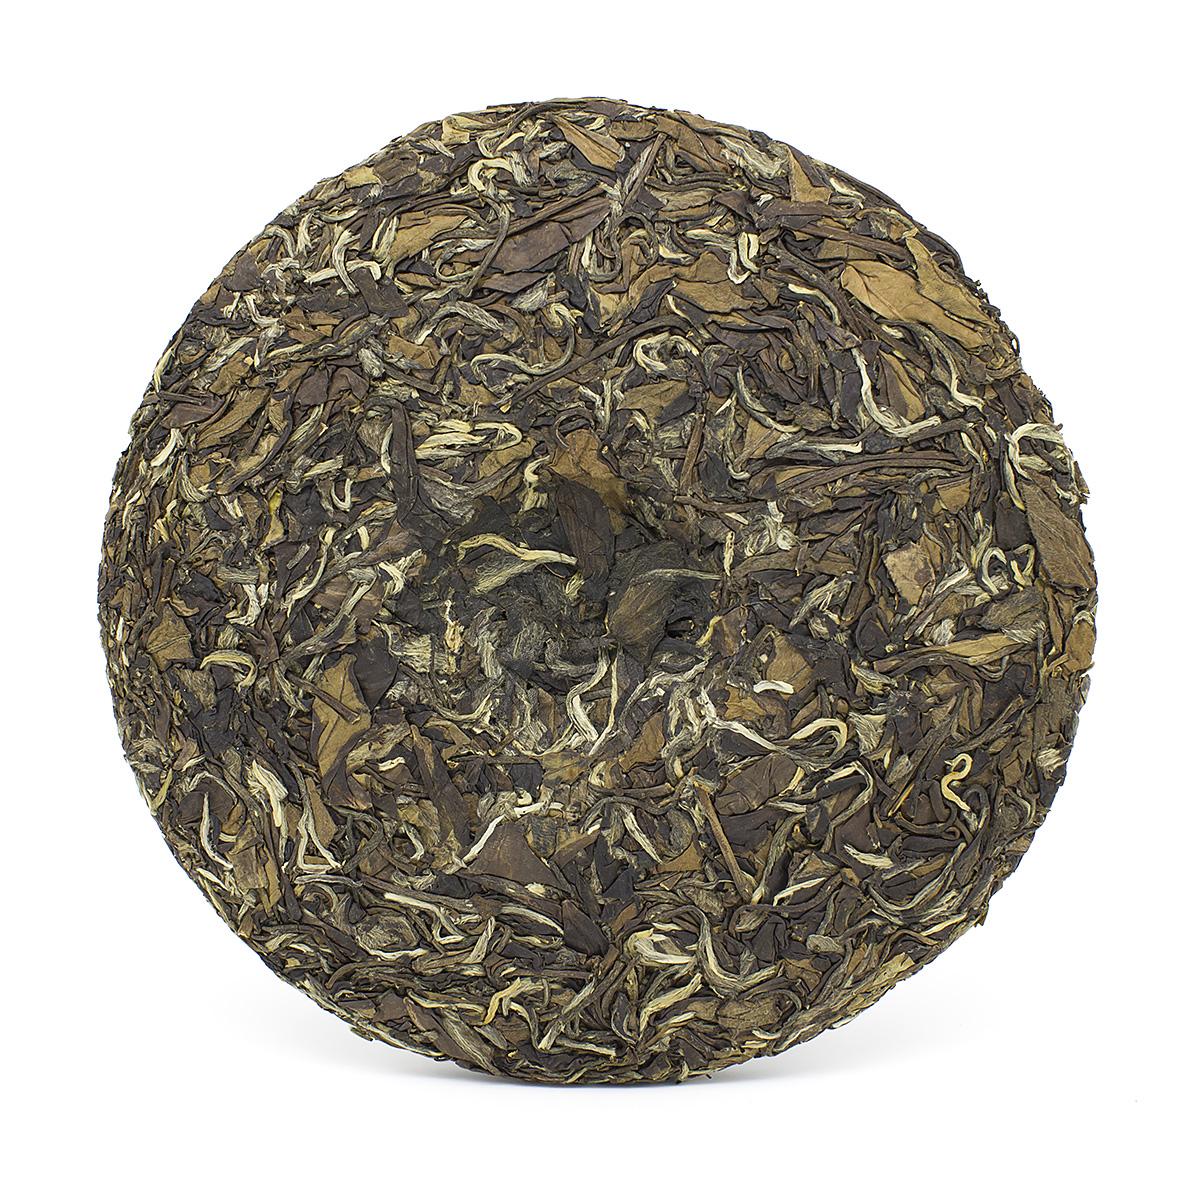 Китайский белый чай Белый пион, блин, 350 г 150г фуцзянь lapsang souchong чай черный чай здоровье для похудения чай китайский черный чай